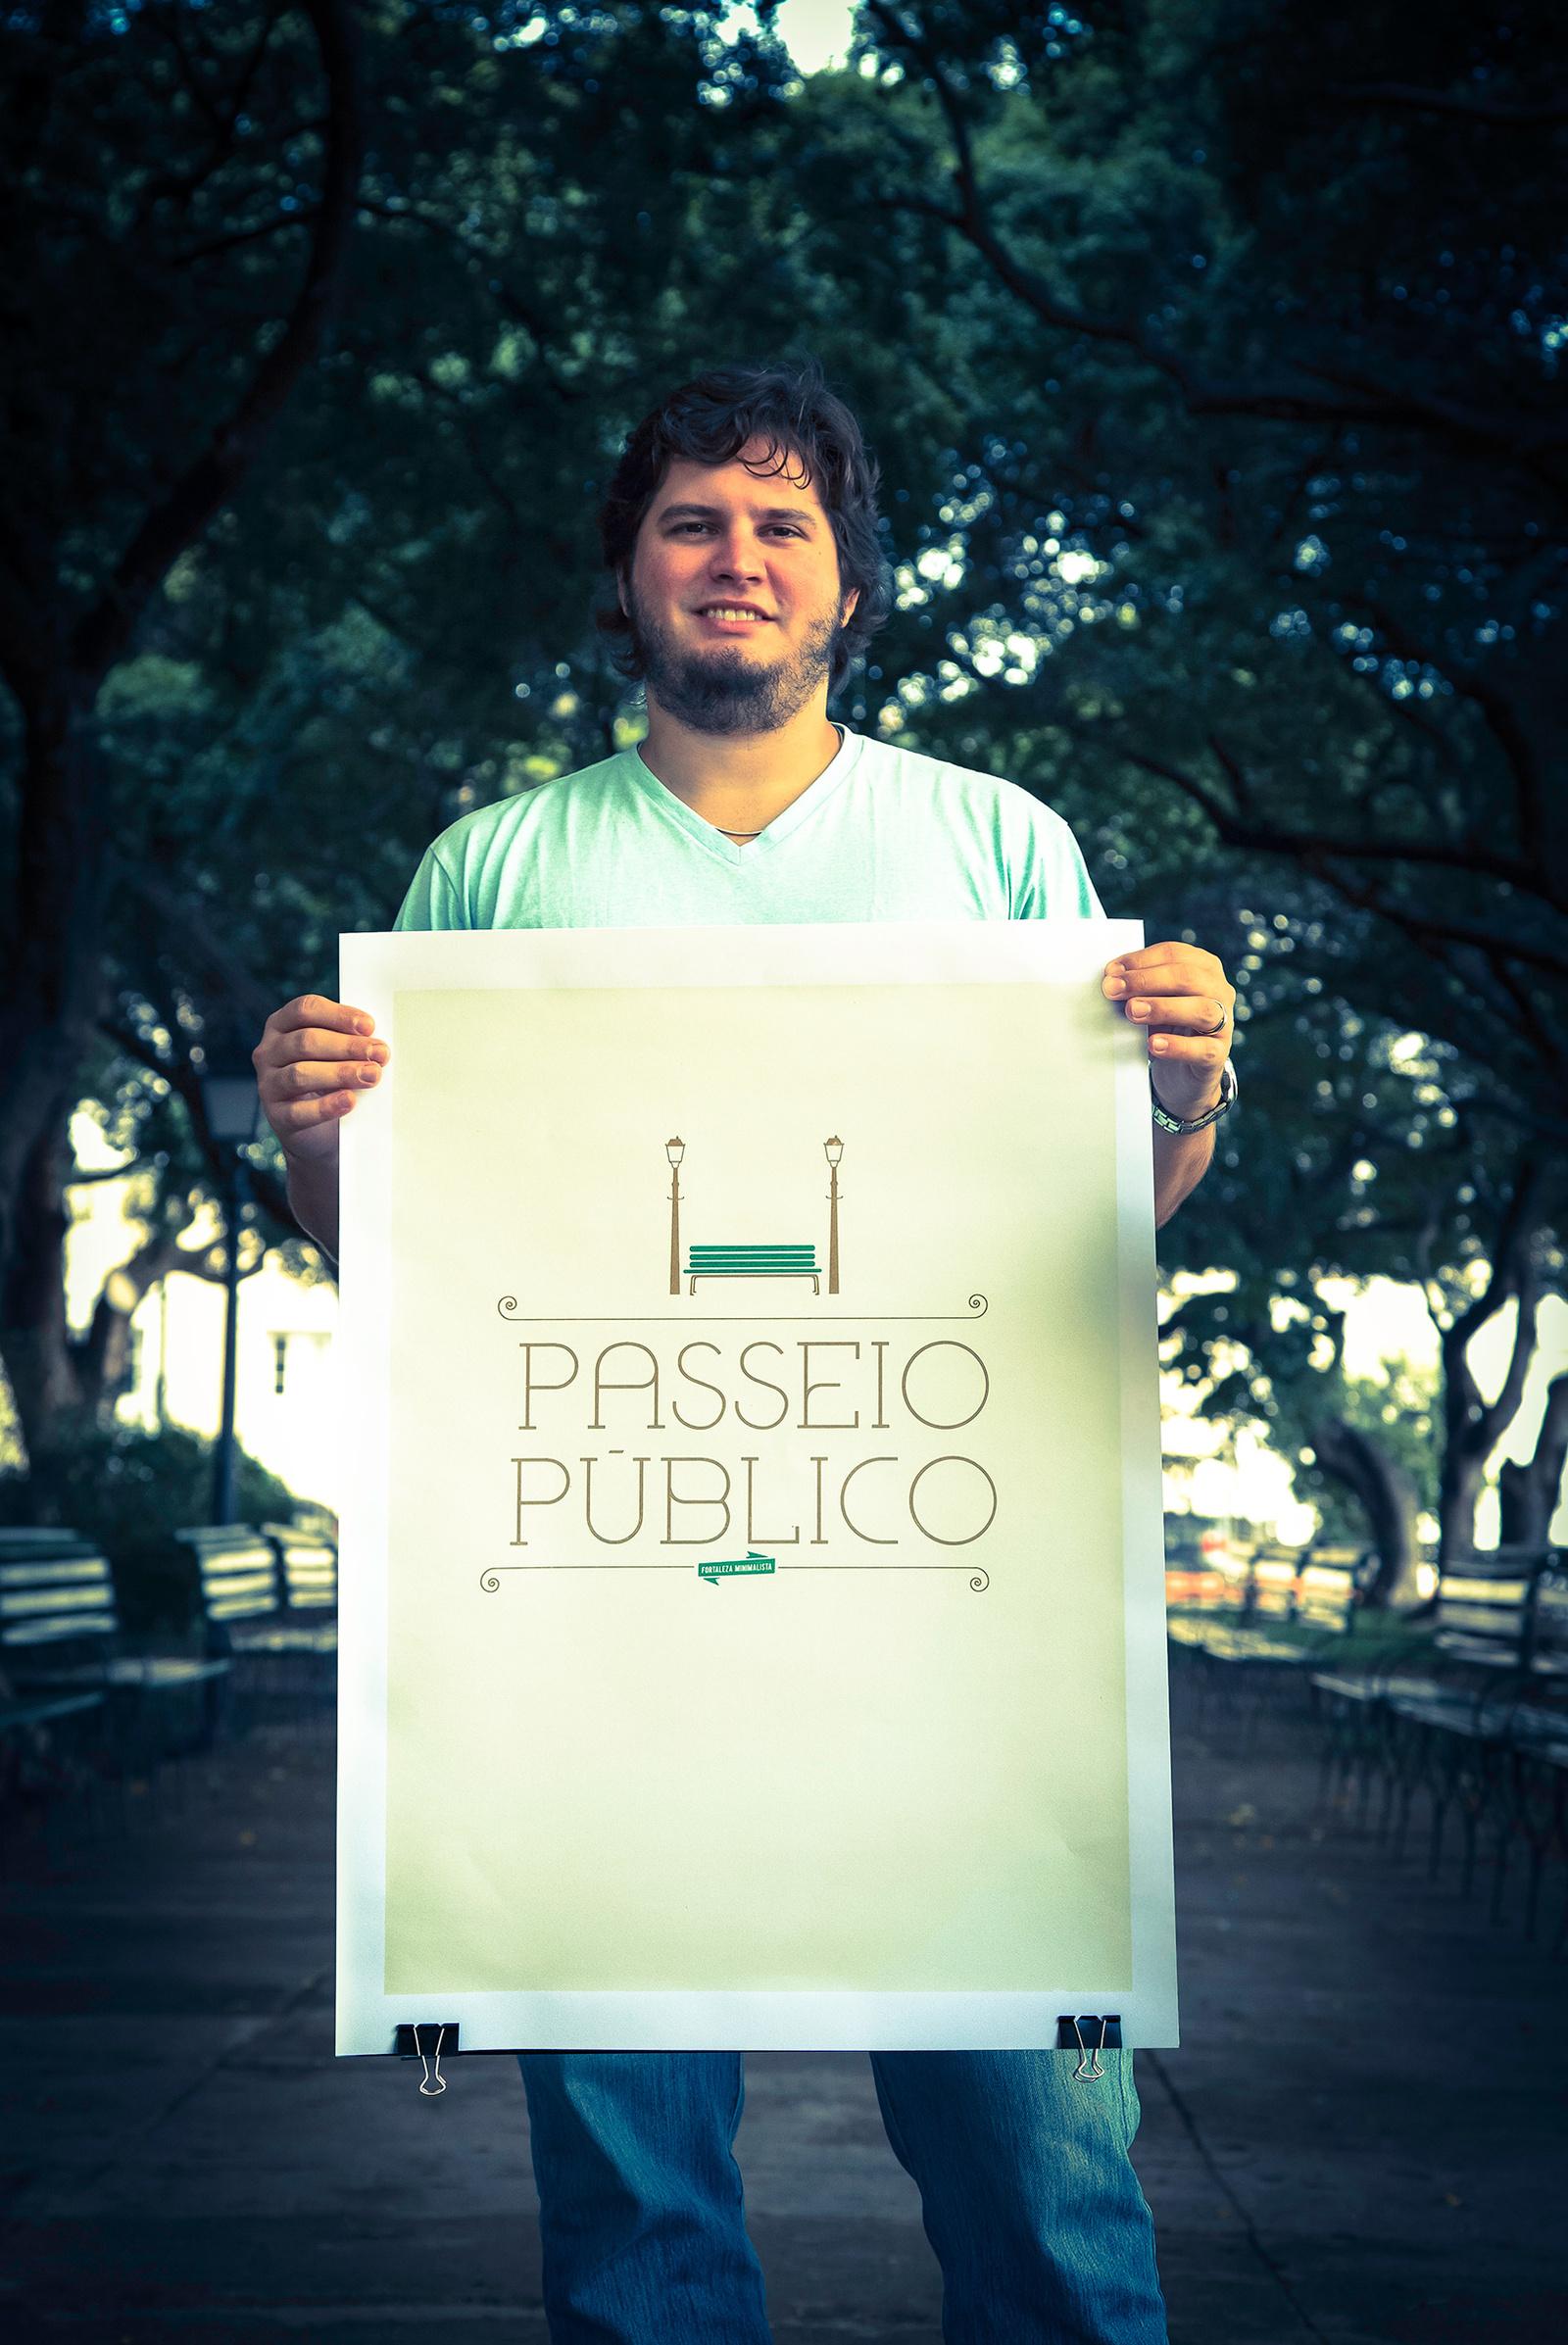 39655-6535820-passeio_publico